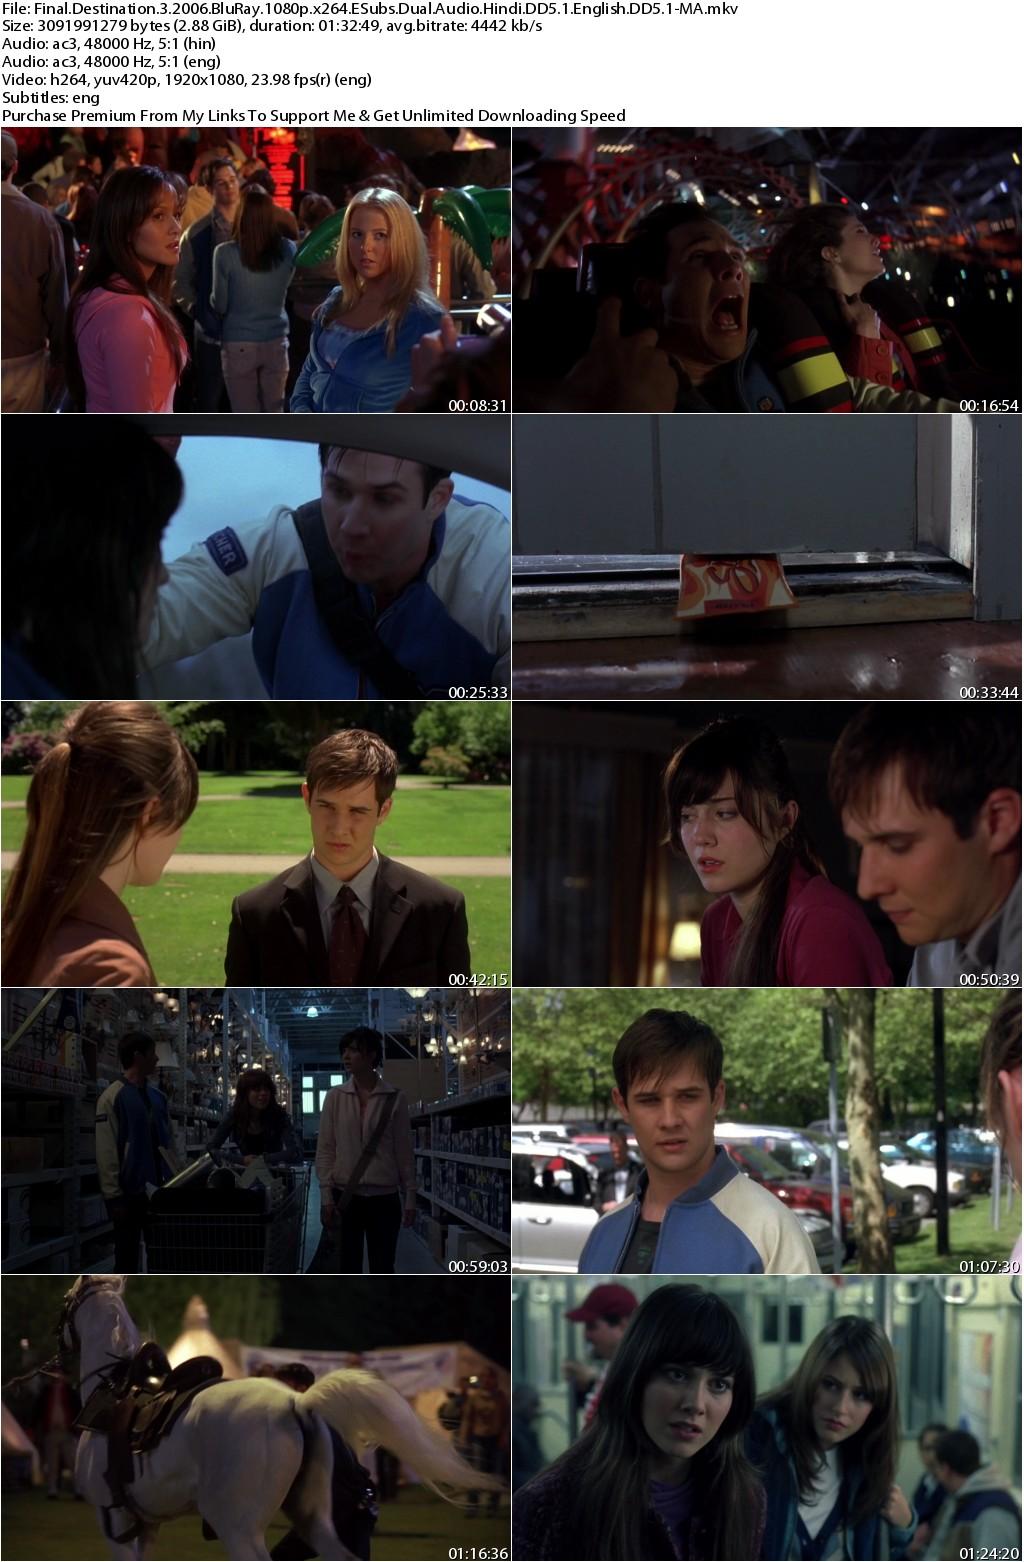 Final Destination 3 (2006) 1080p BluRay x264 ESubs Dual Audio Hindi DD5.1 English DD5.1-MA